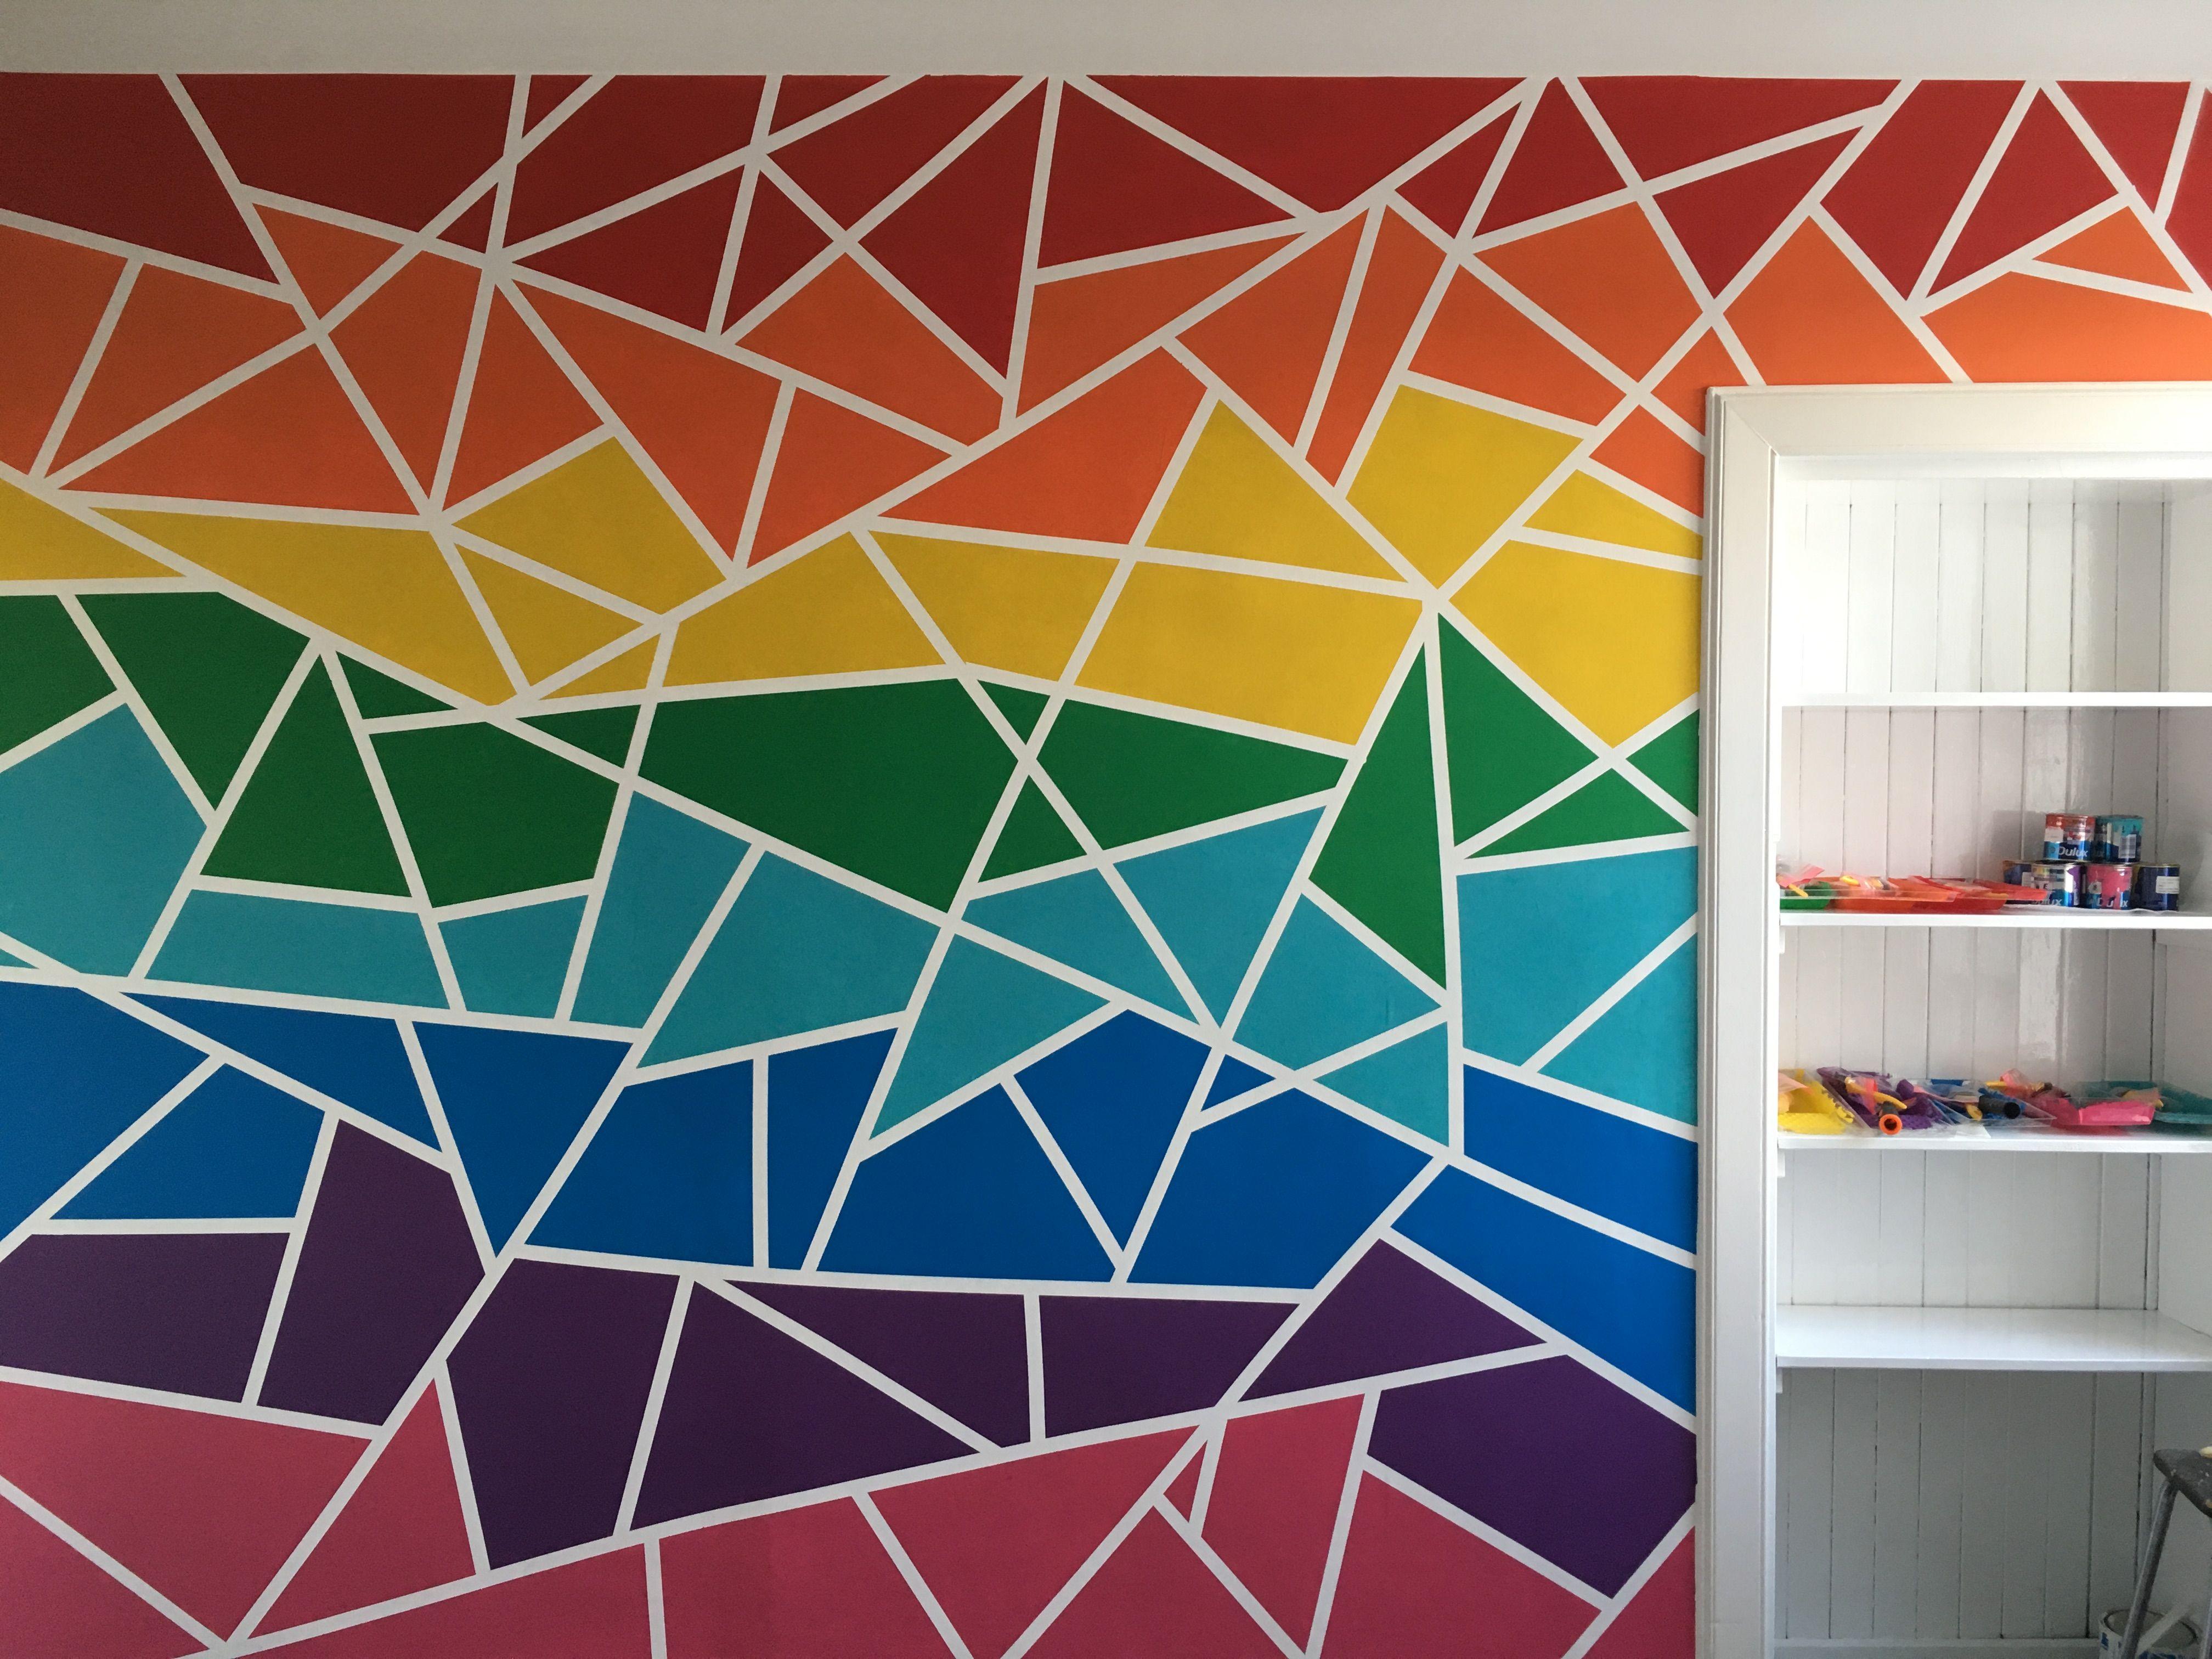 Rainbow Geometric Wall Kids Room Wall Art Wall Paint Designs